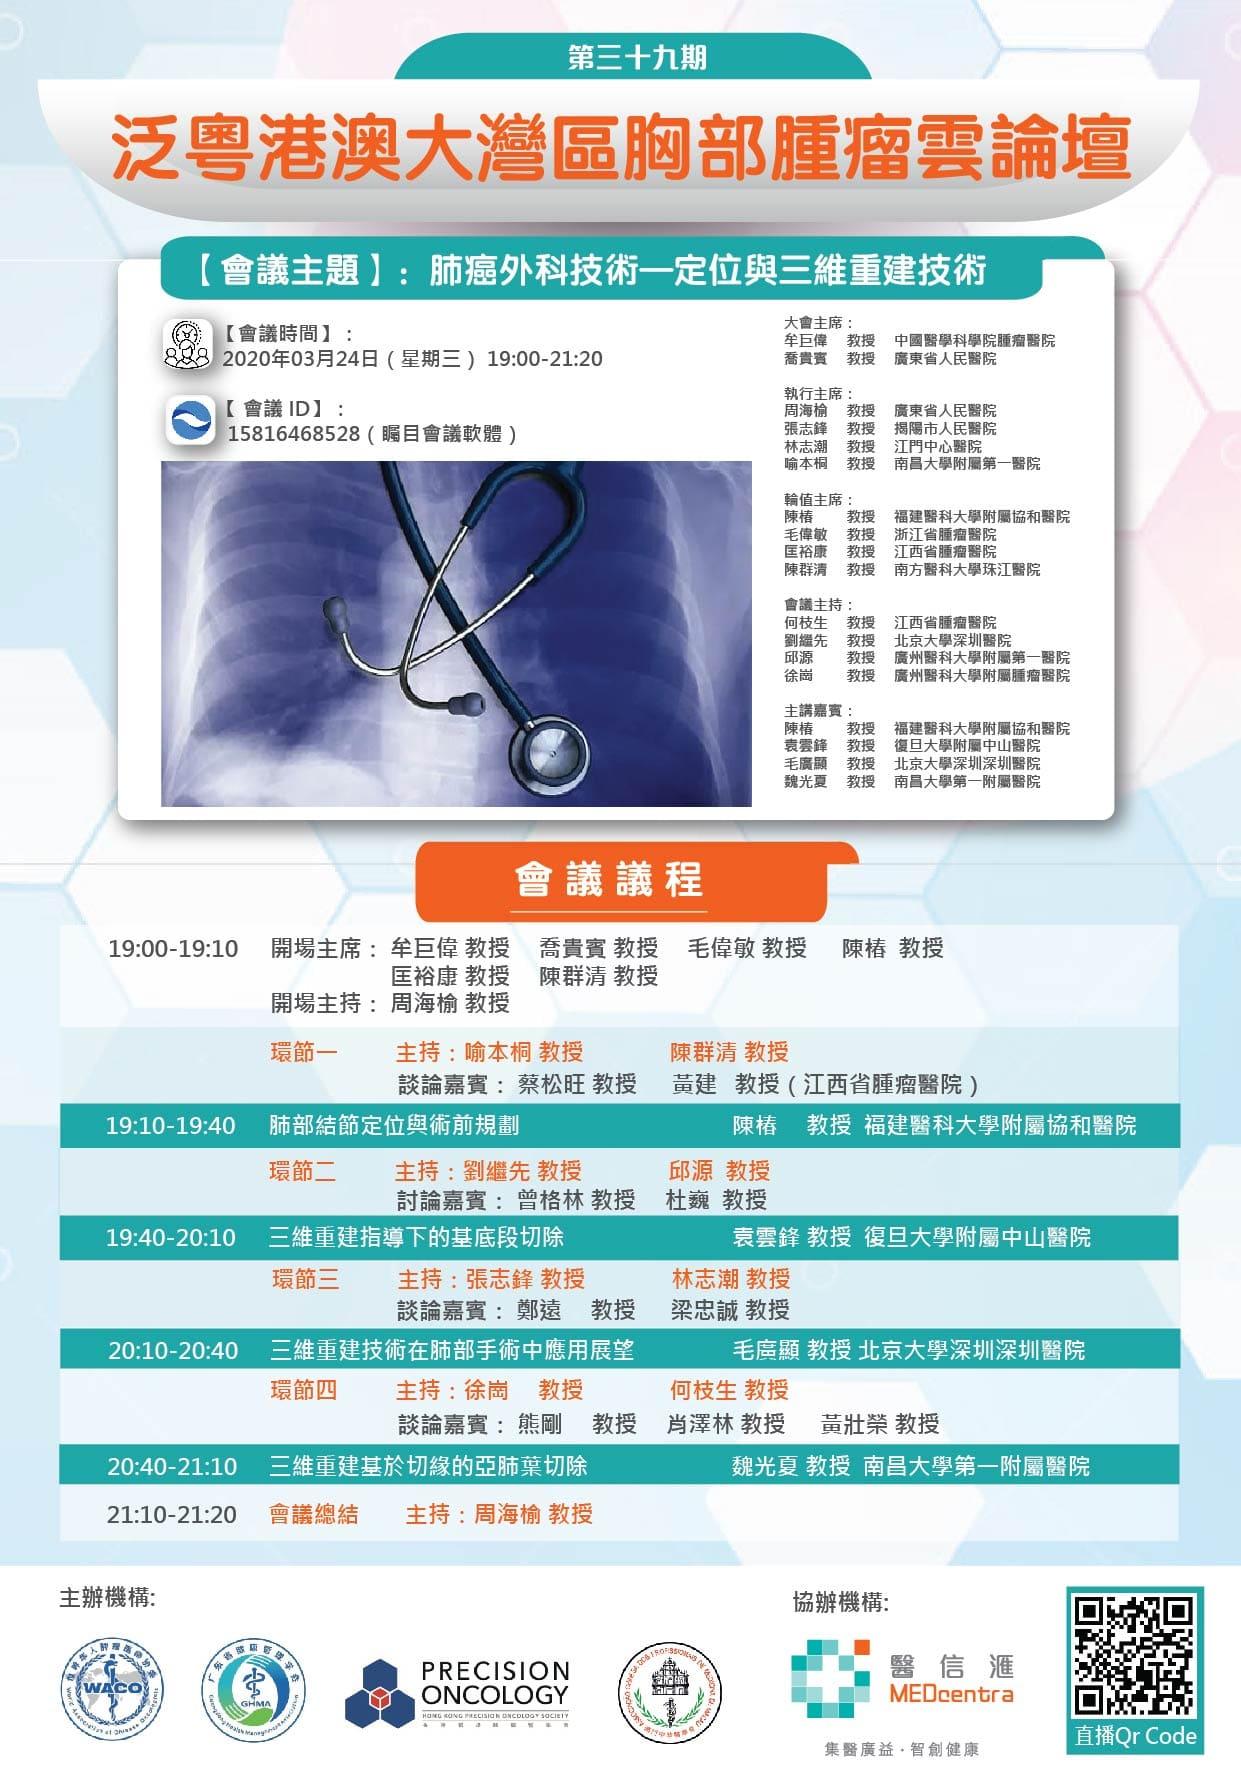 泛粵港澳大灣區胸部腫瘤雲論壇